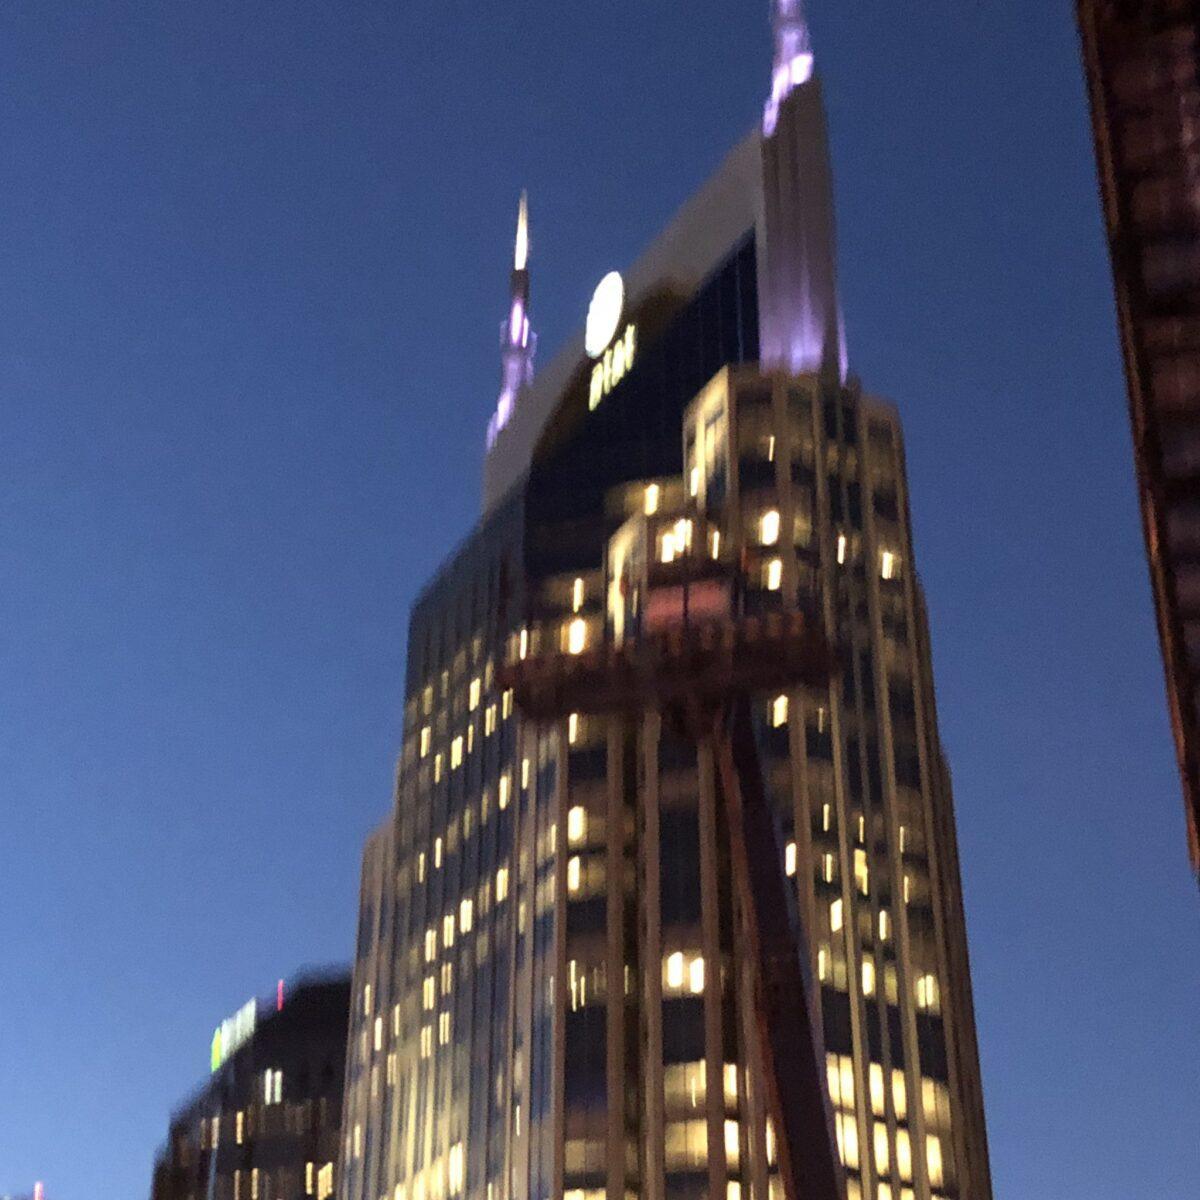 AT&T BUILDING AT NIGHT